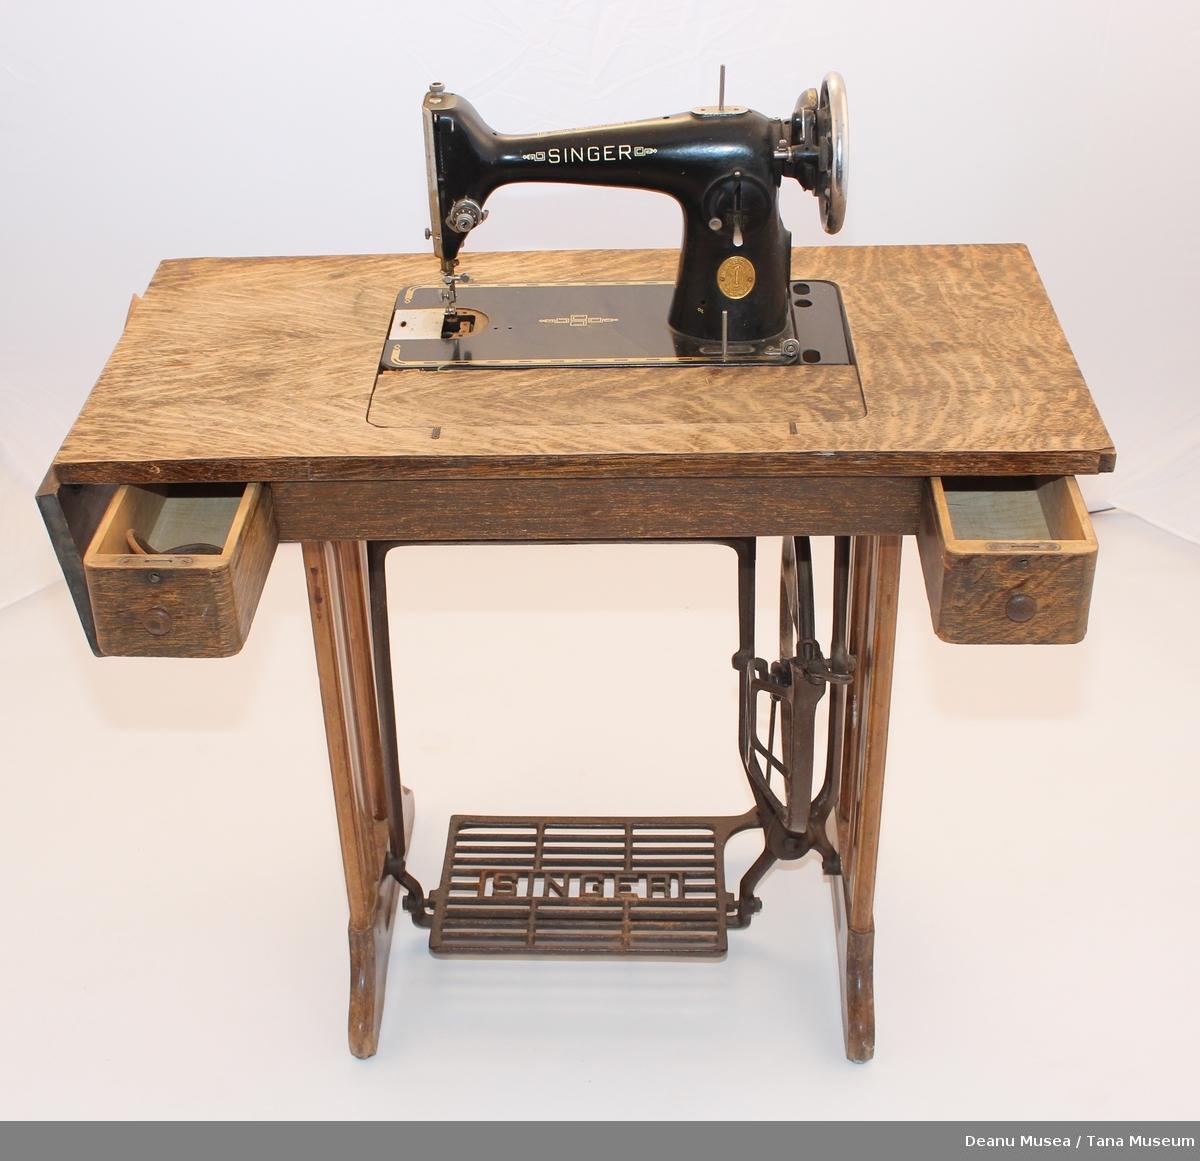 Tråsymaskin med sybord. 2 små skuffer. I ene skuffen ligger ett ekstra drivreim. Skuffene har lås ingen nøkkel. Mangler en spol og ett metall lokk.